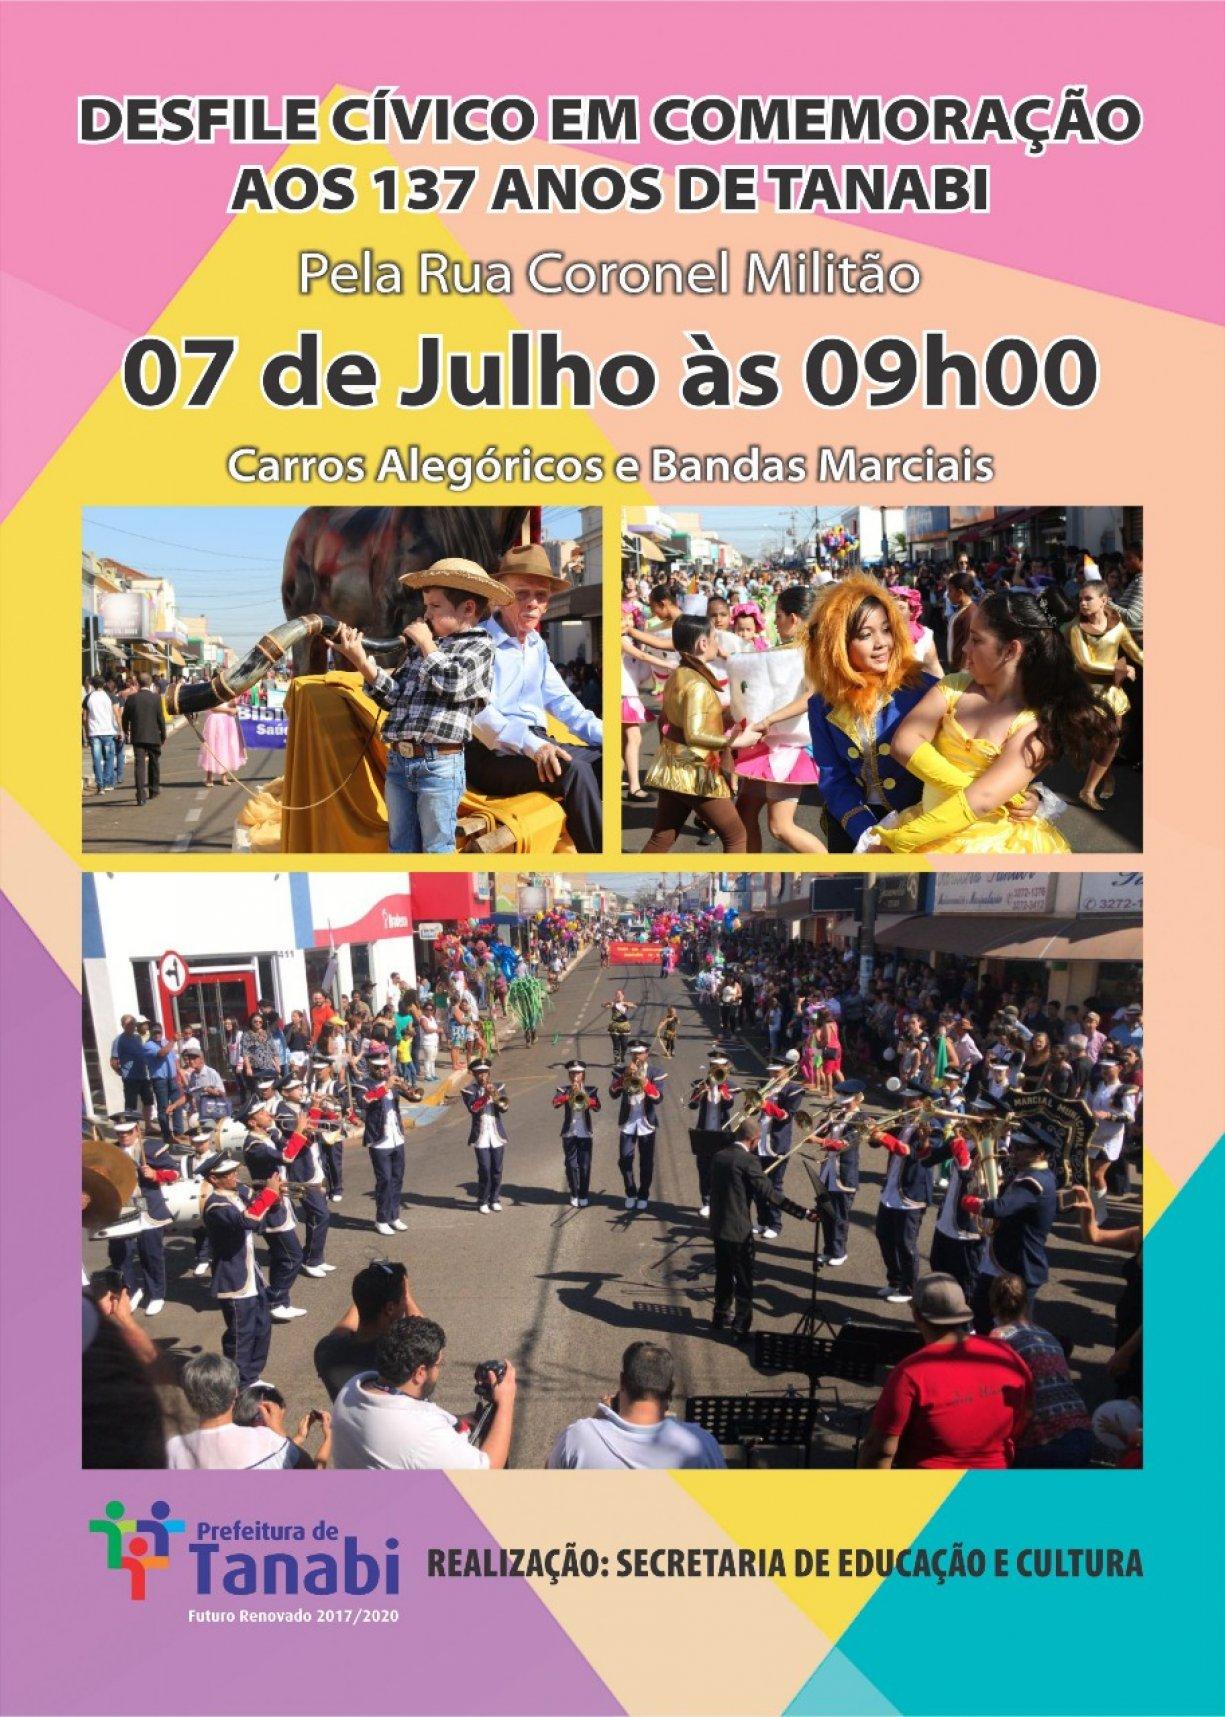 Desfile Cívico em comemoração aos 137 anos de Tanabi acontece dia 07 de julho